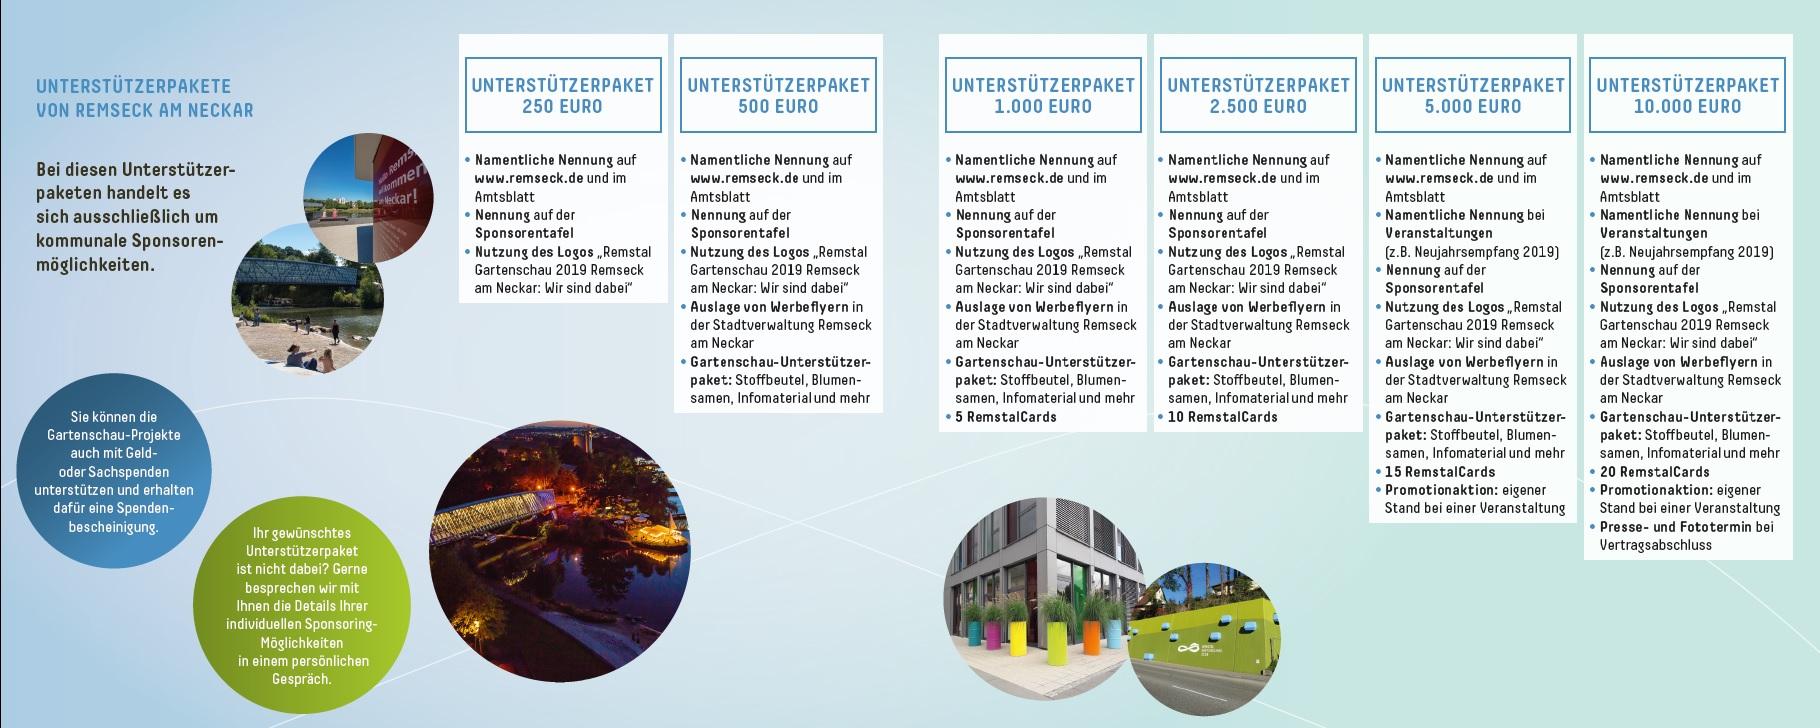 Unterstützerpakete Remseck am Neckar | Sponsoring Remstal Gartenschau 2019